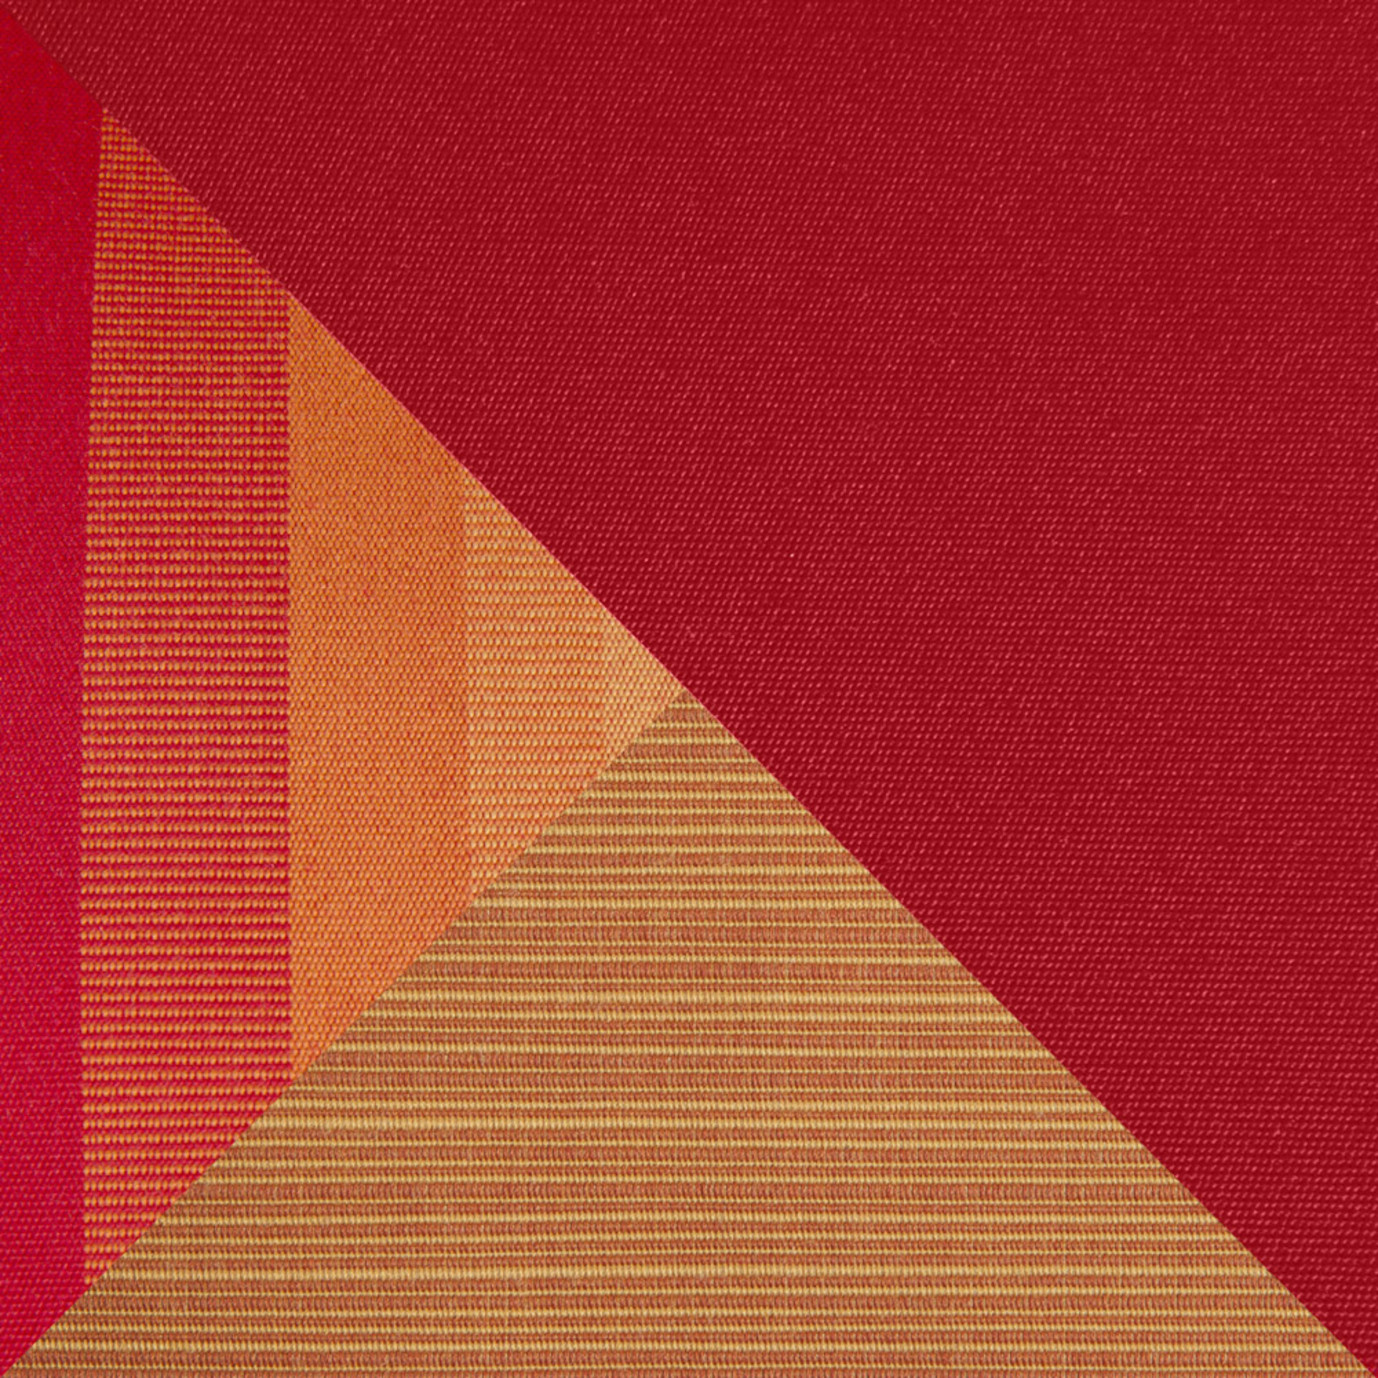 Mili™ 8pc Deep Seating Set - Sunset Red